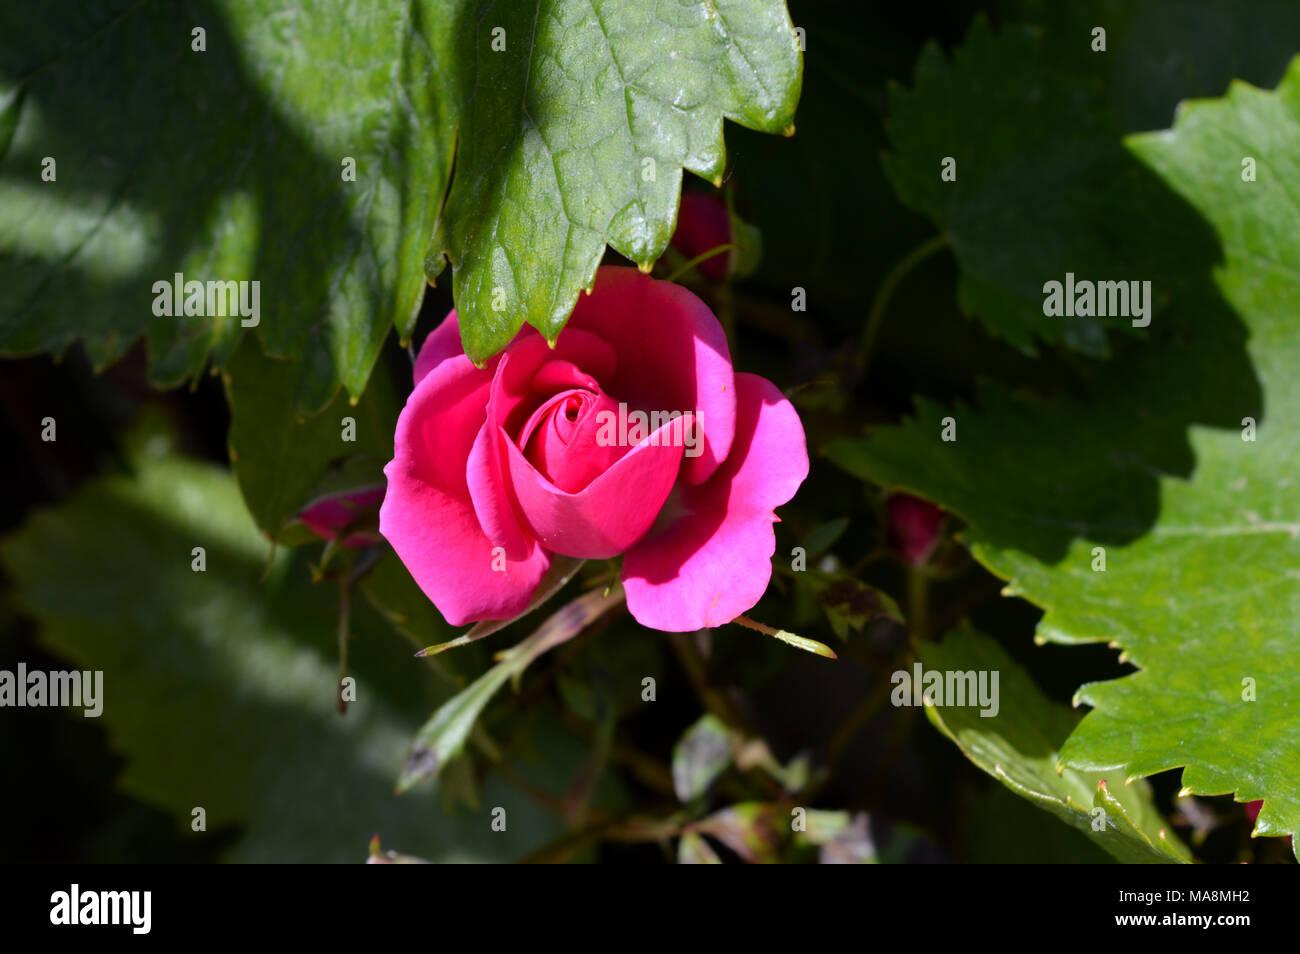 Bella rosa rosa Close-up, Macro, Natura Immagini Stock